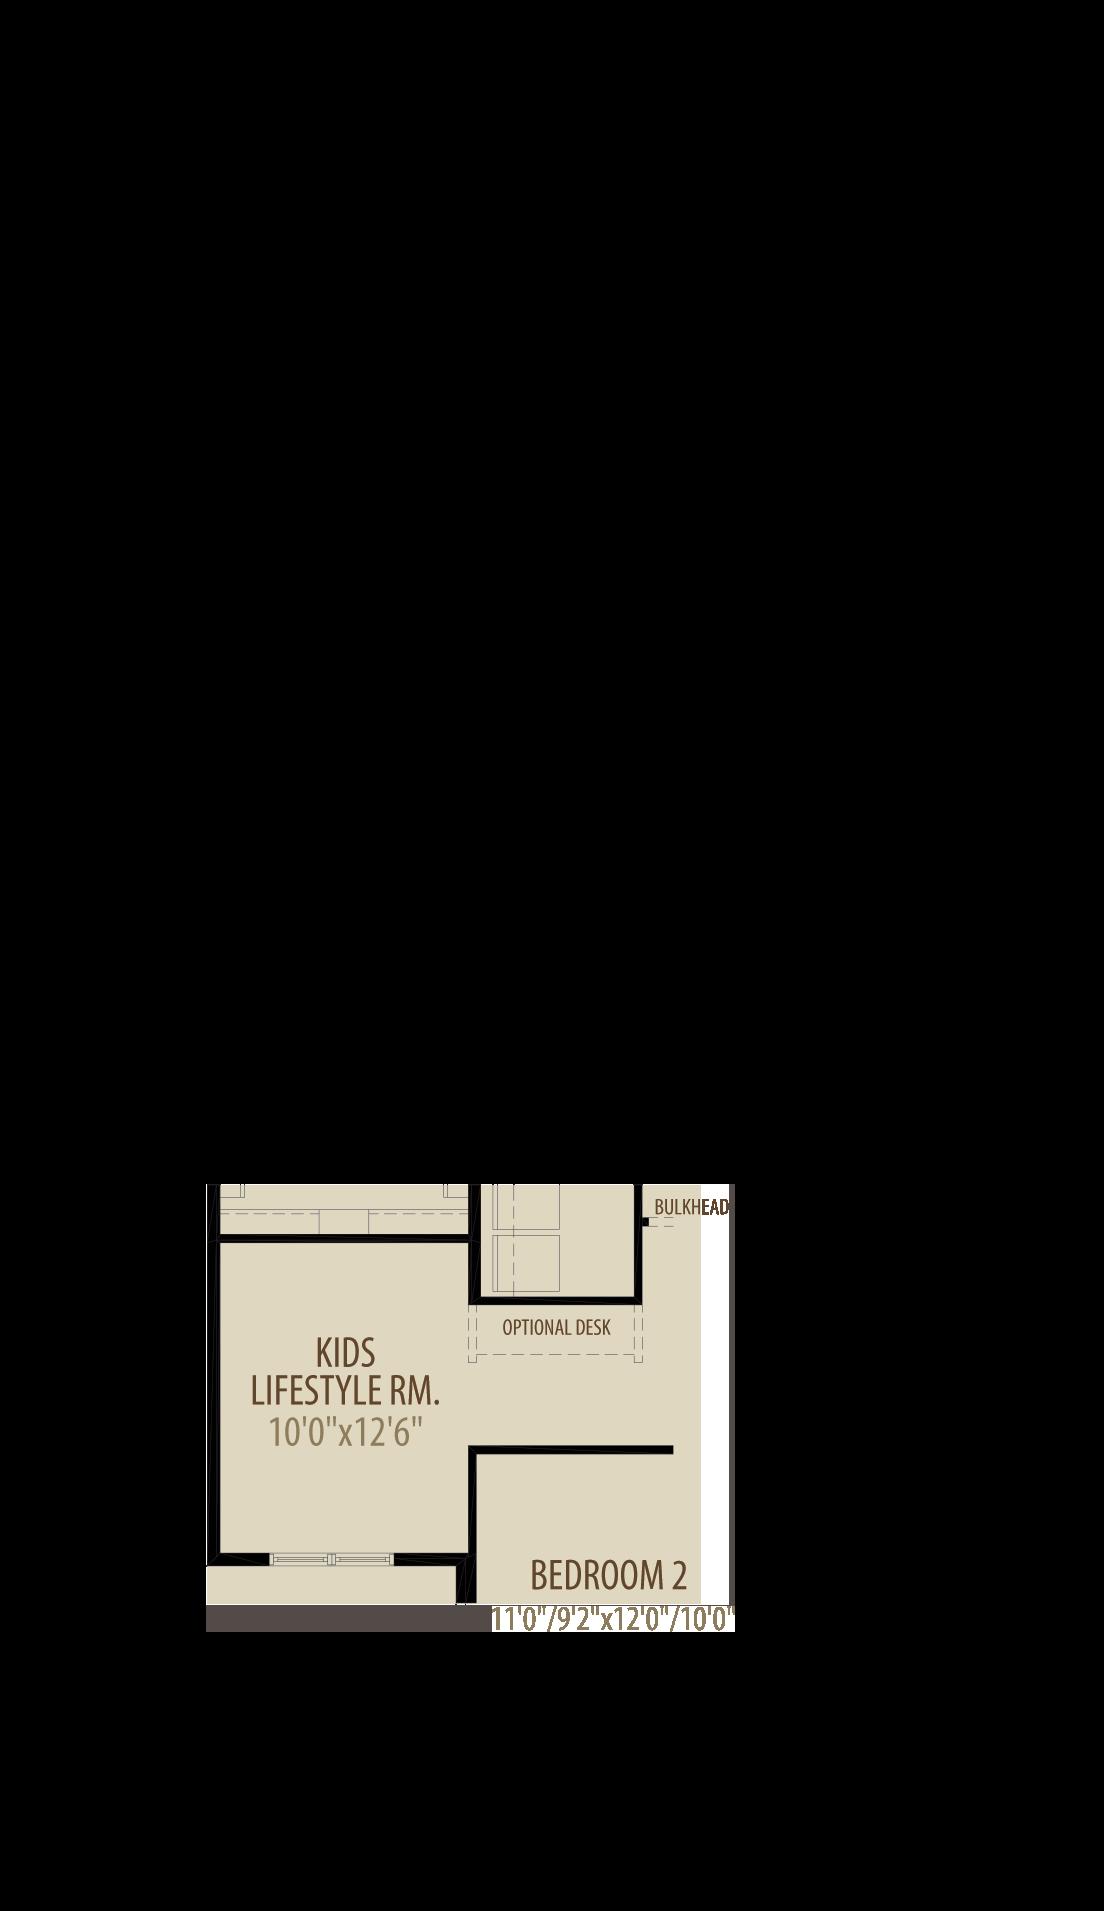 Option 1 Kids Lifestyle Room